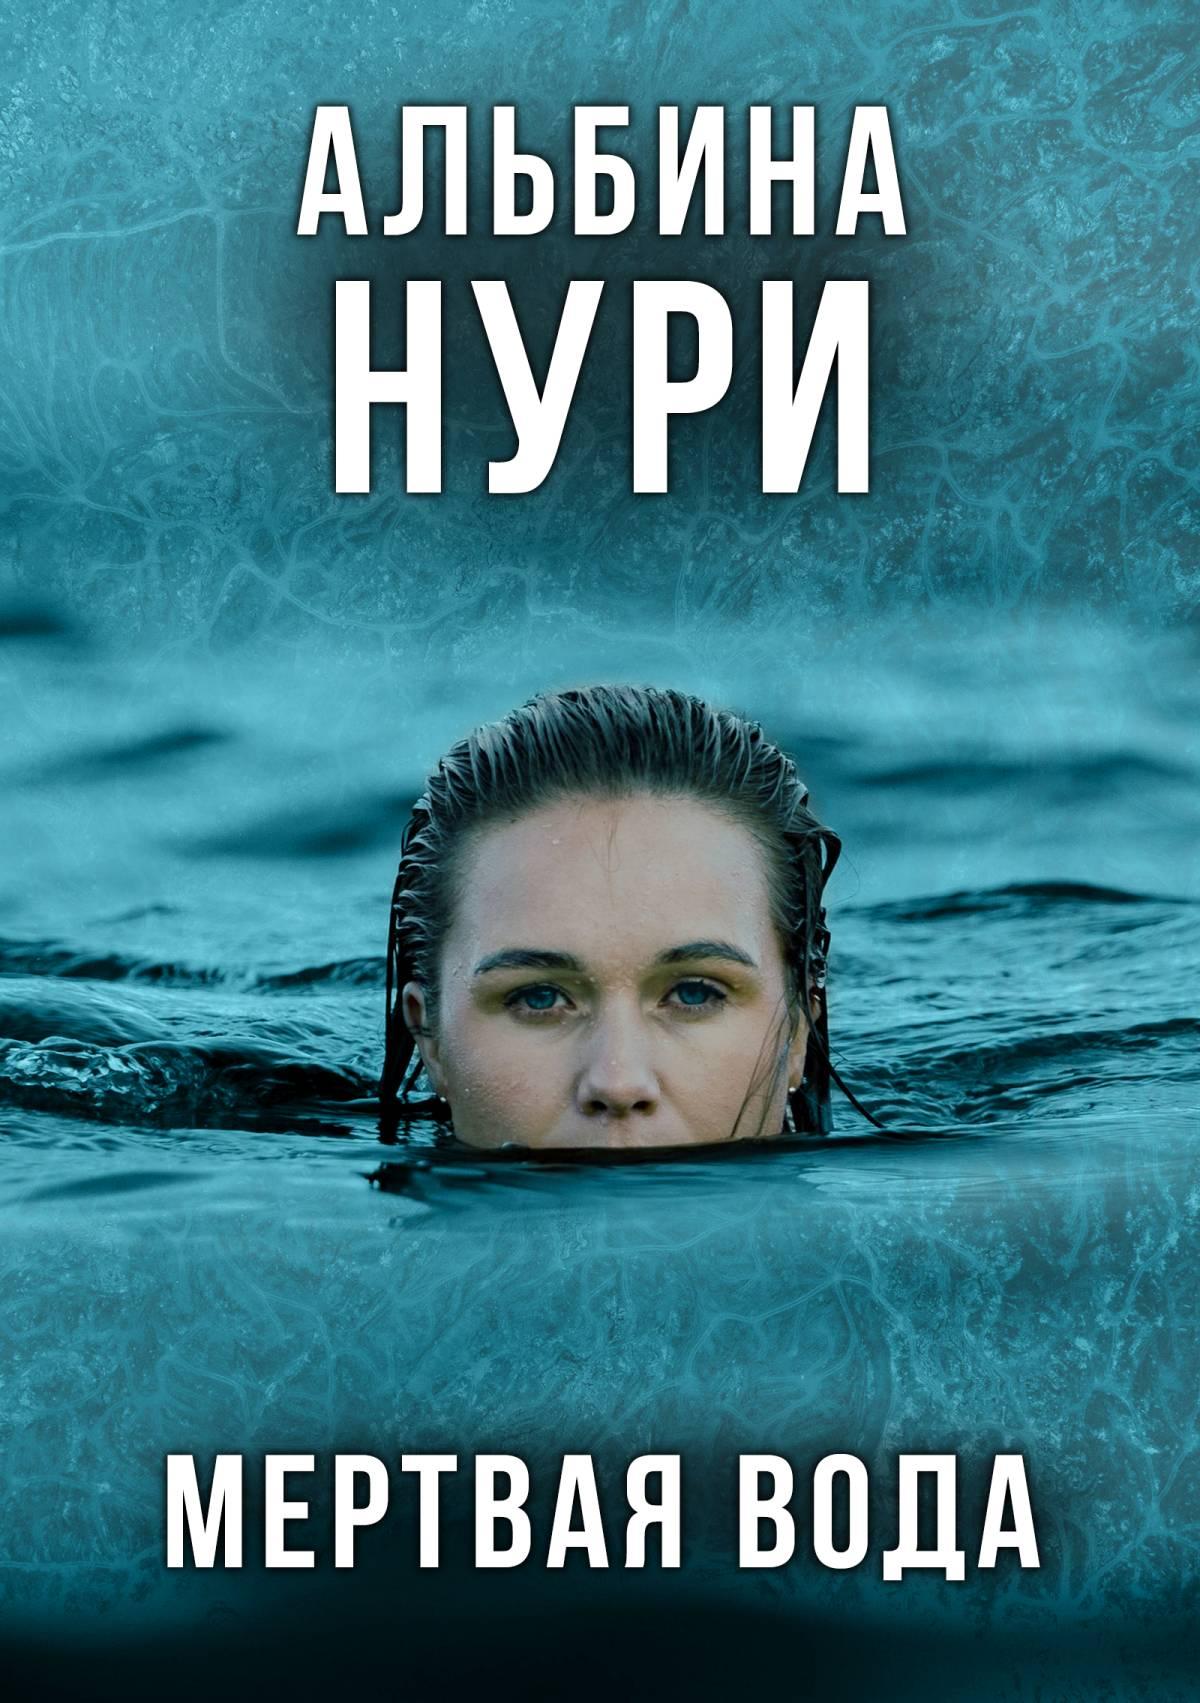 Глоток мертвой воды